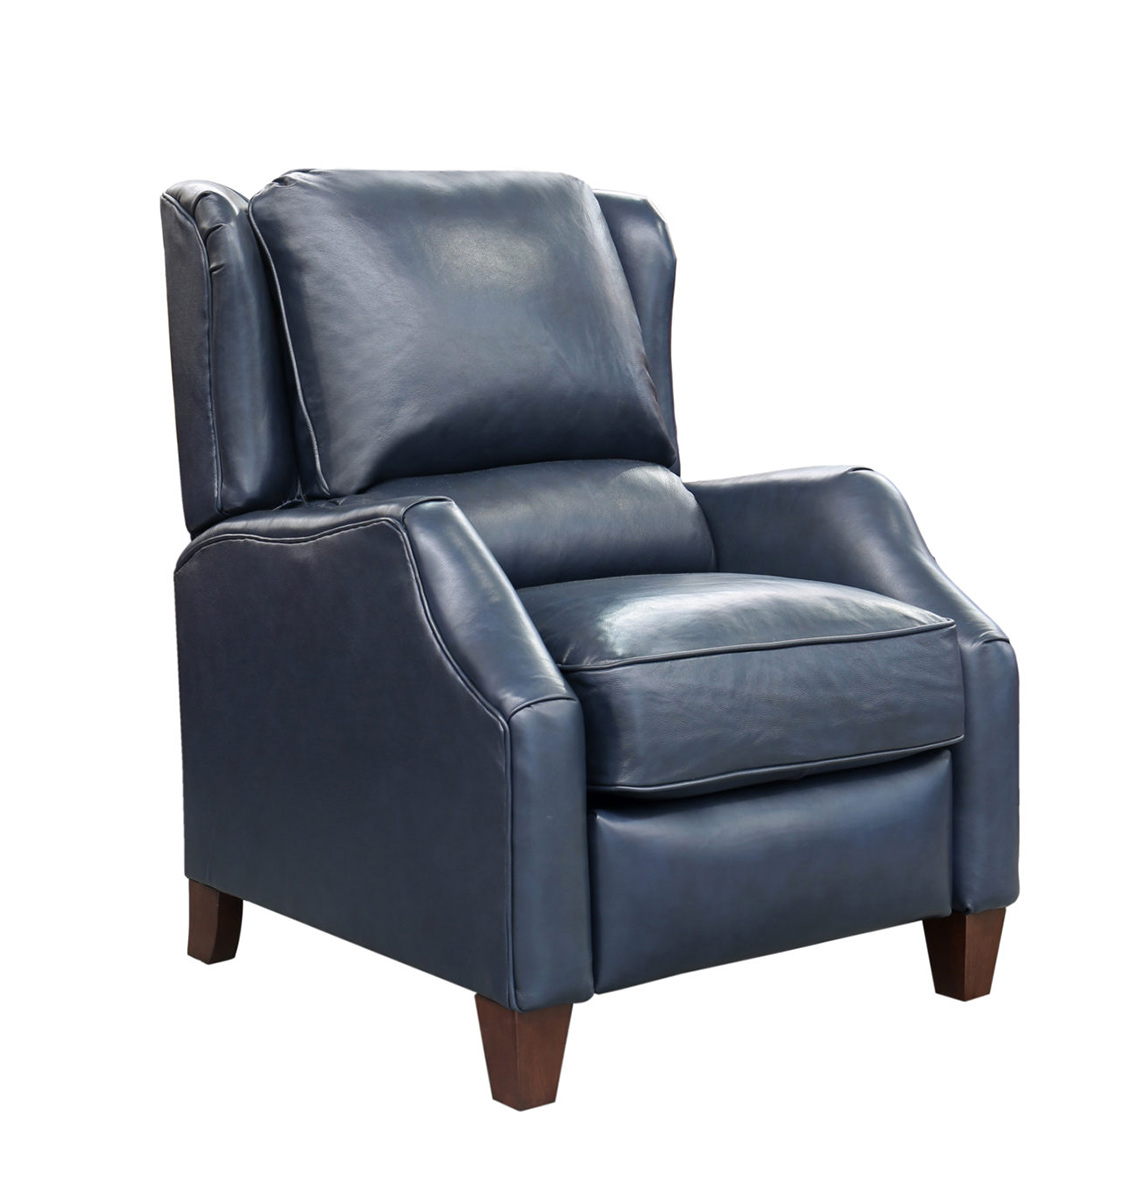 Barcalounger Berkeley Recliner Chair - Shoreham Blue/All Leather